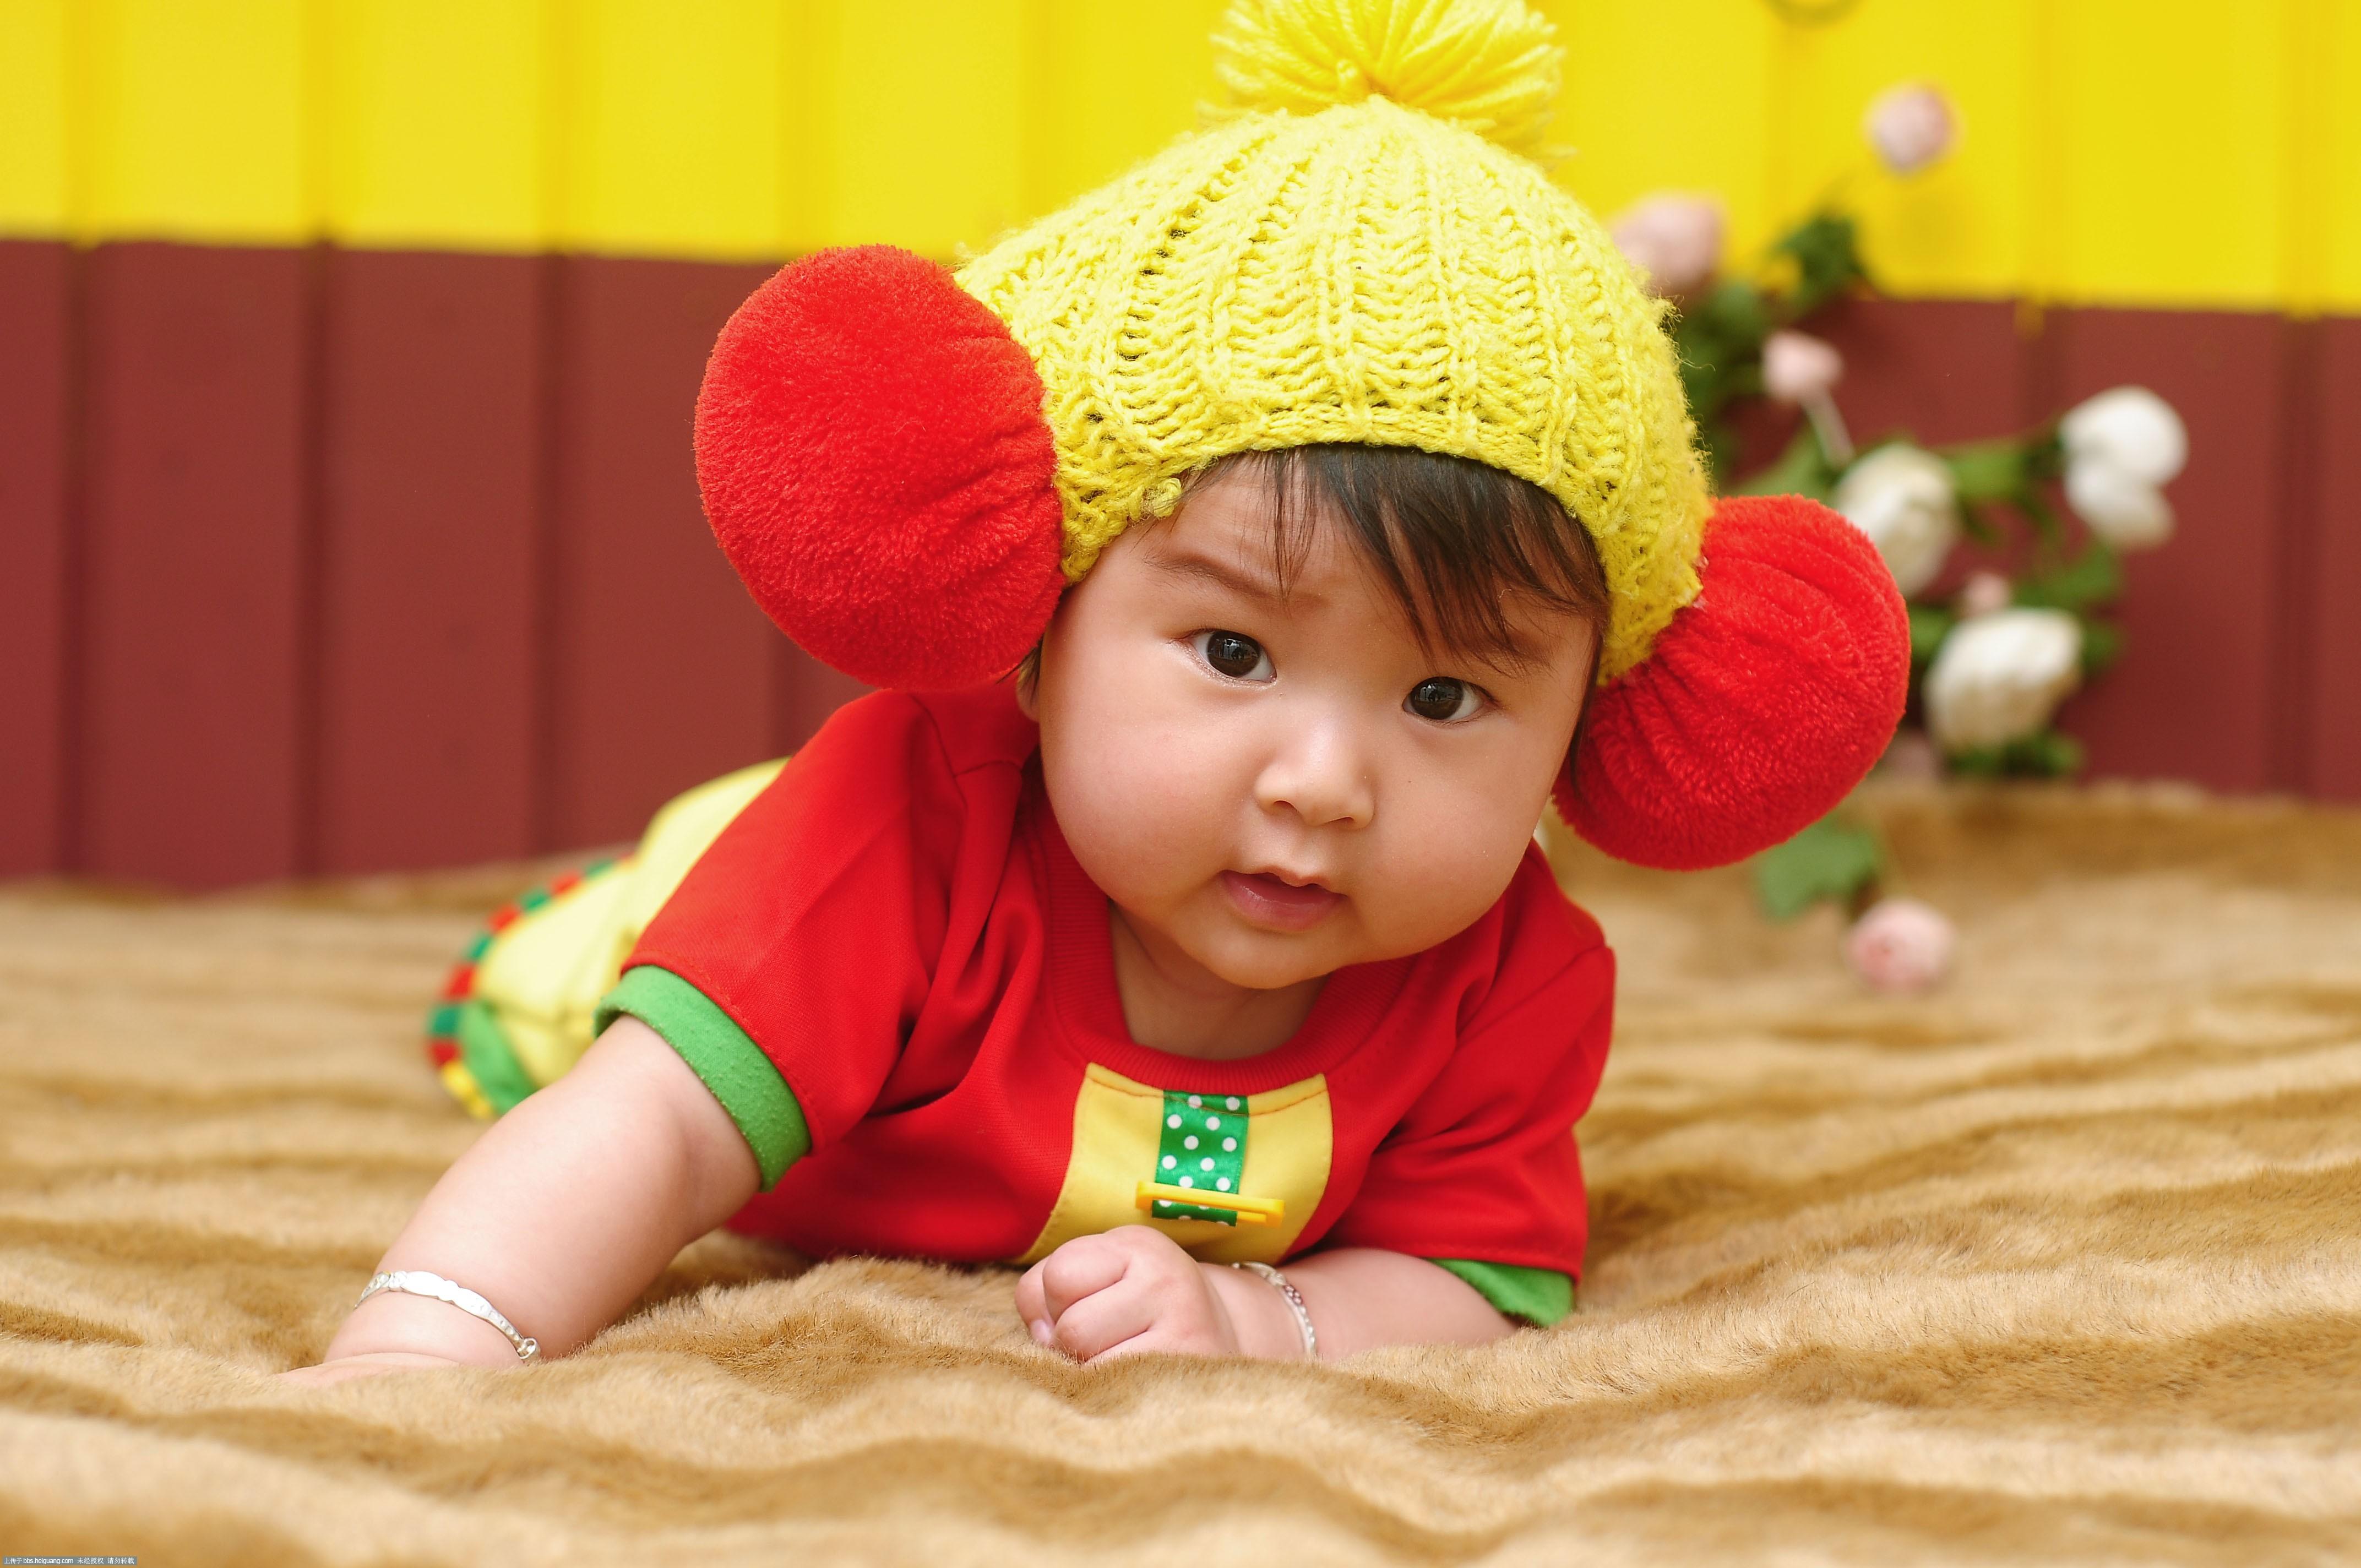 可爱宝宝的成长照